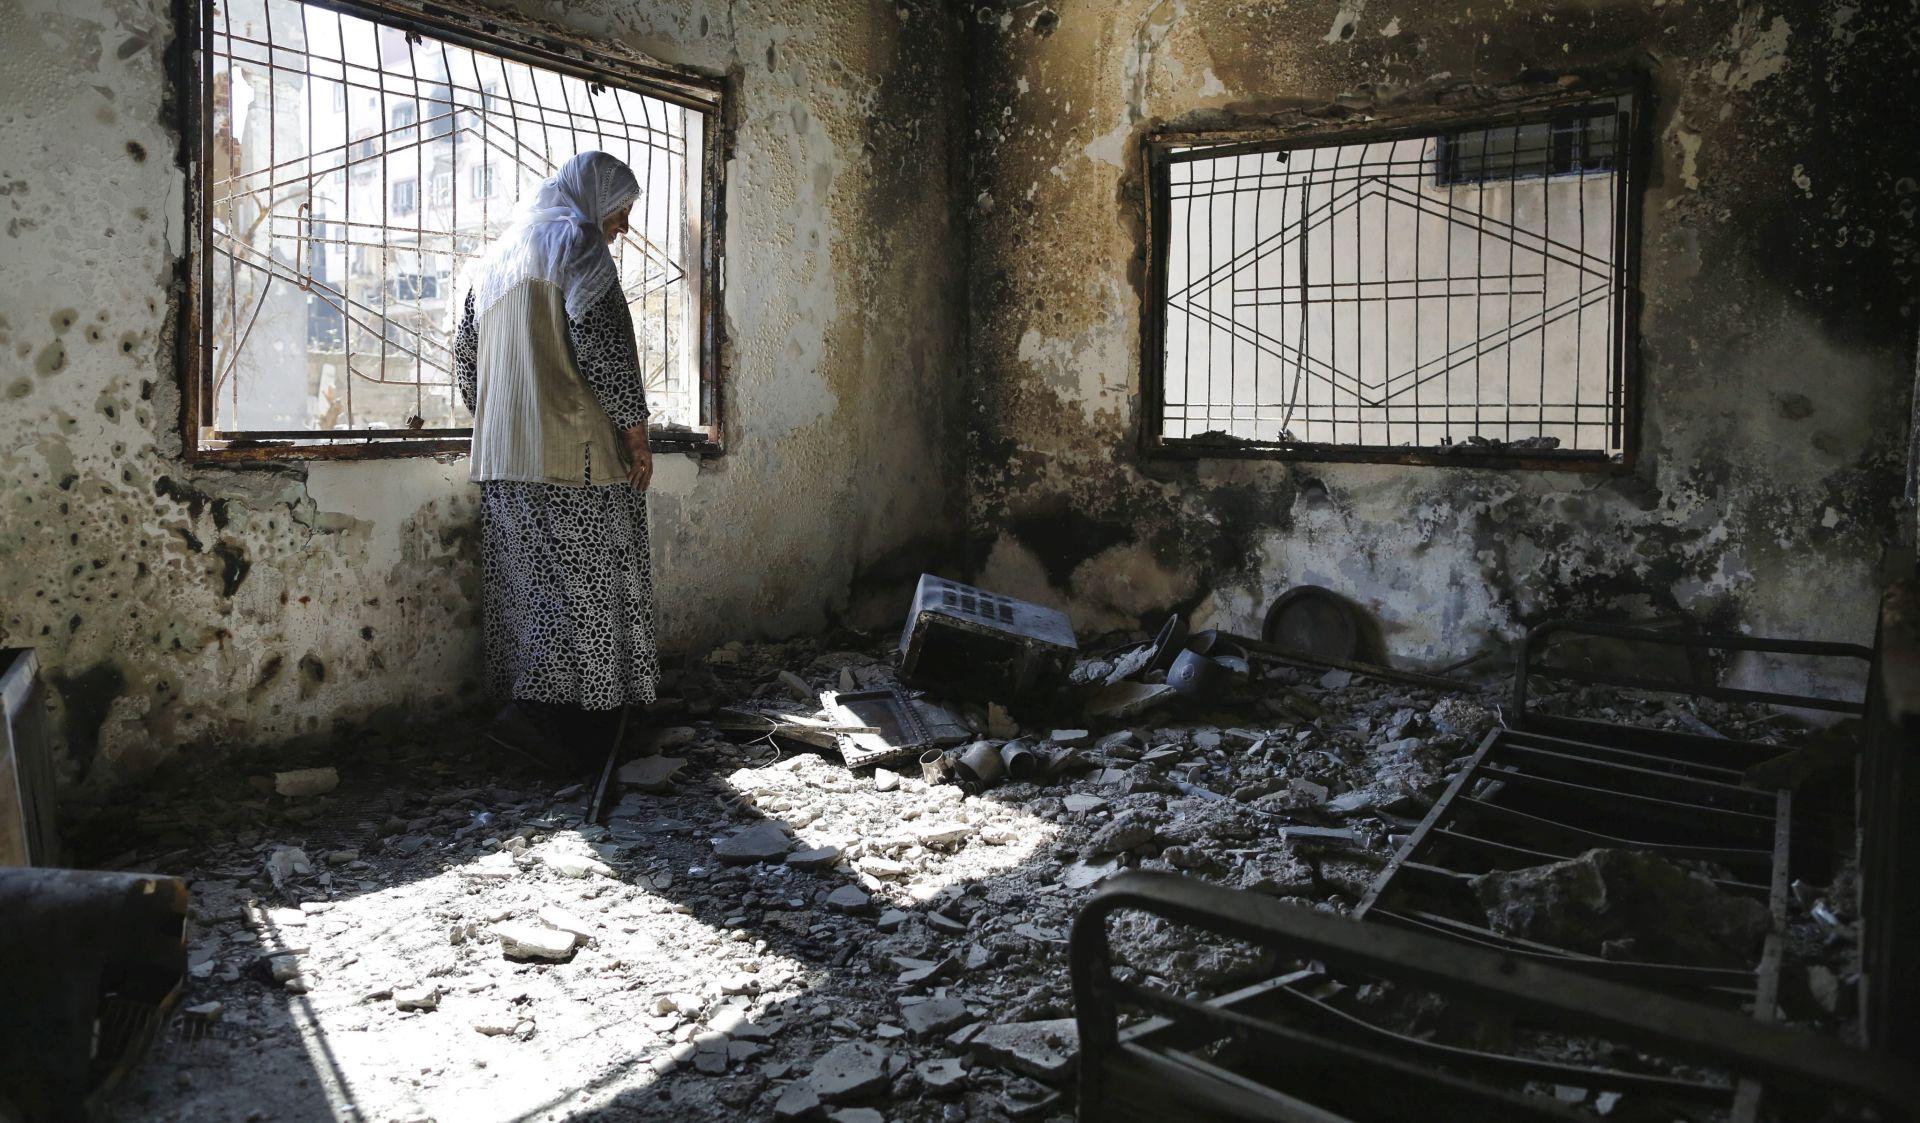 UN OBJAVIO: Teška kršenja ljudskih prava na jugoistoku Turske